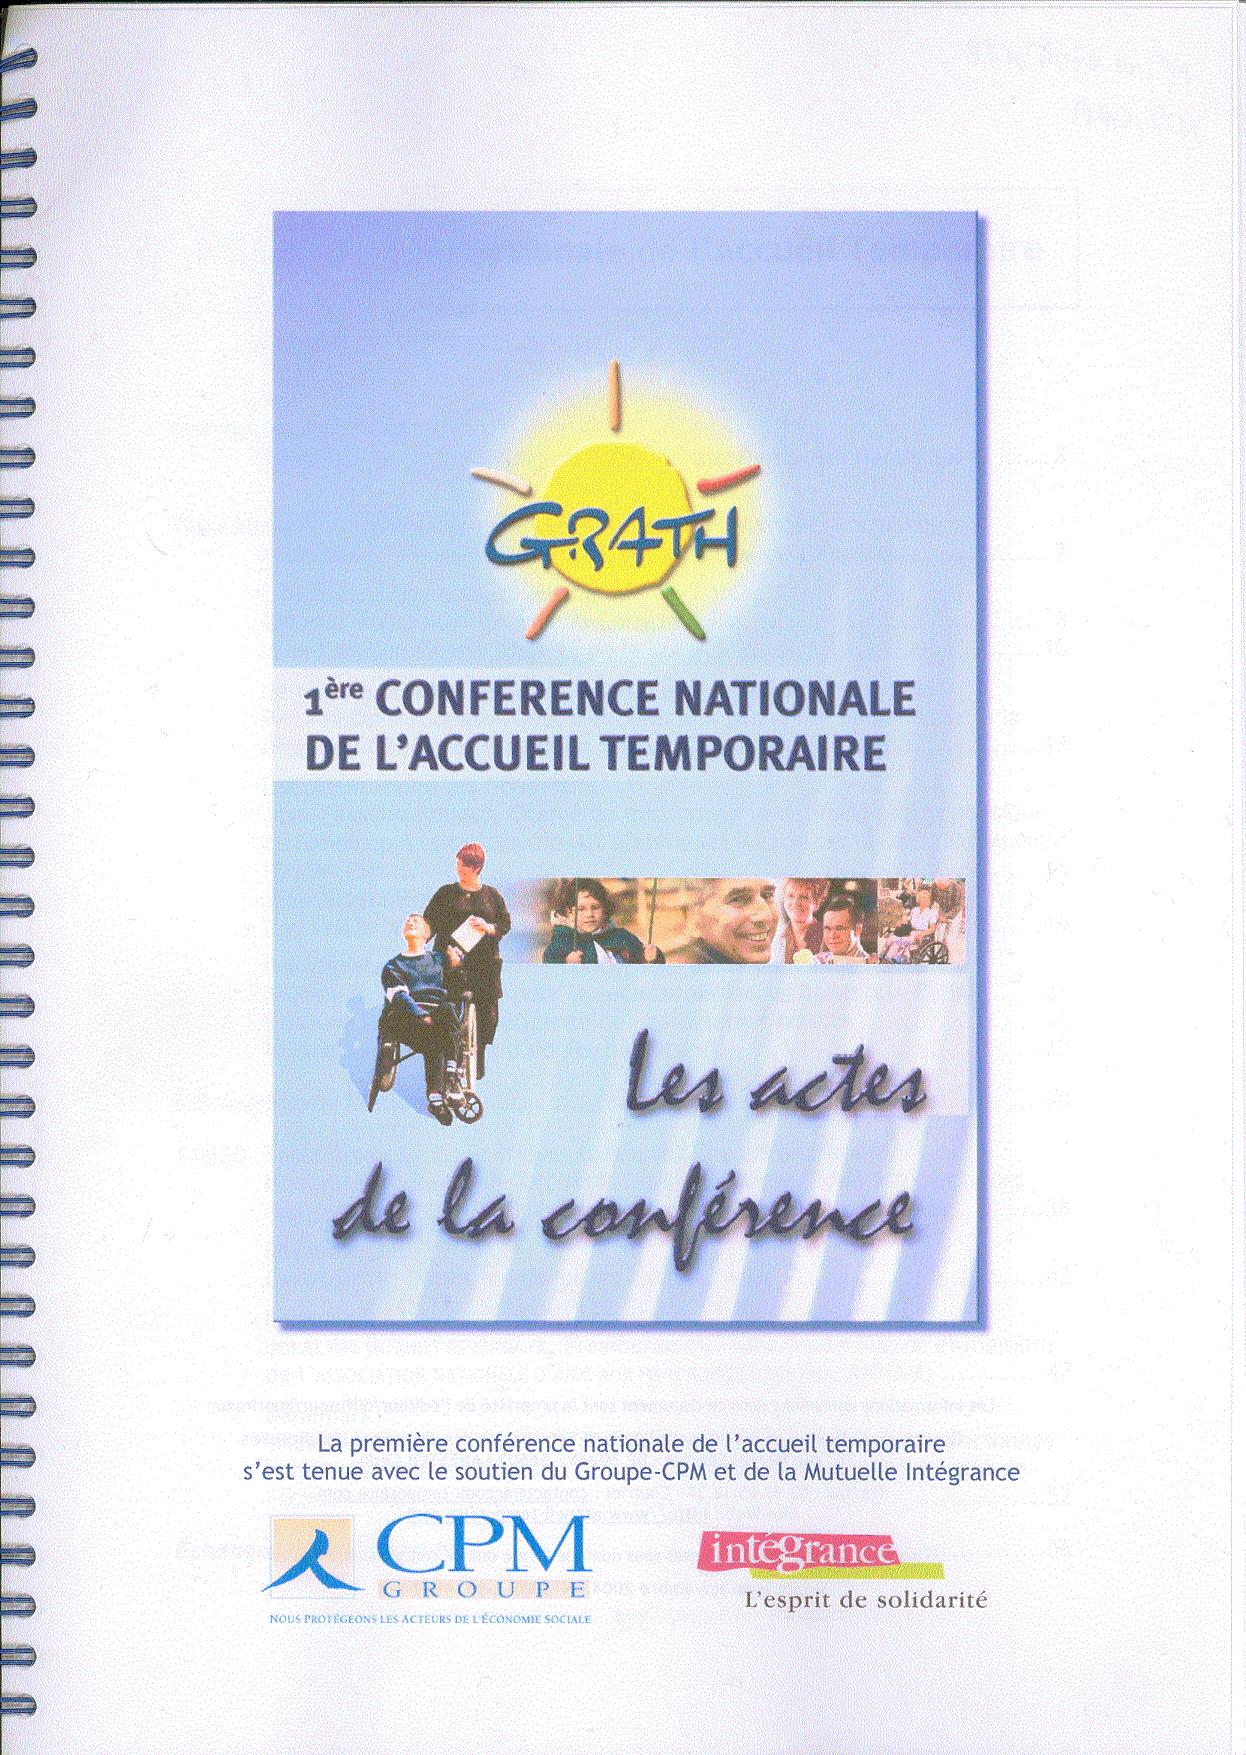 1ère Conférence nationale de l'accueil temporaire